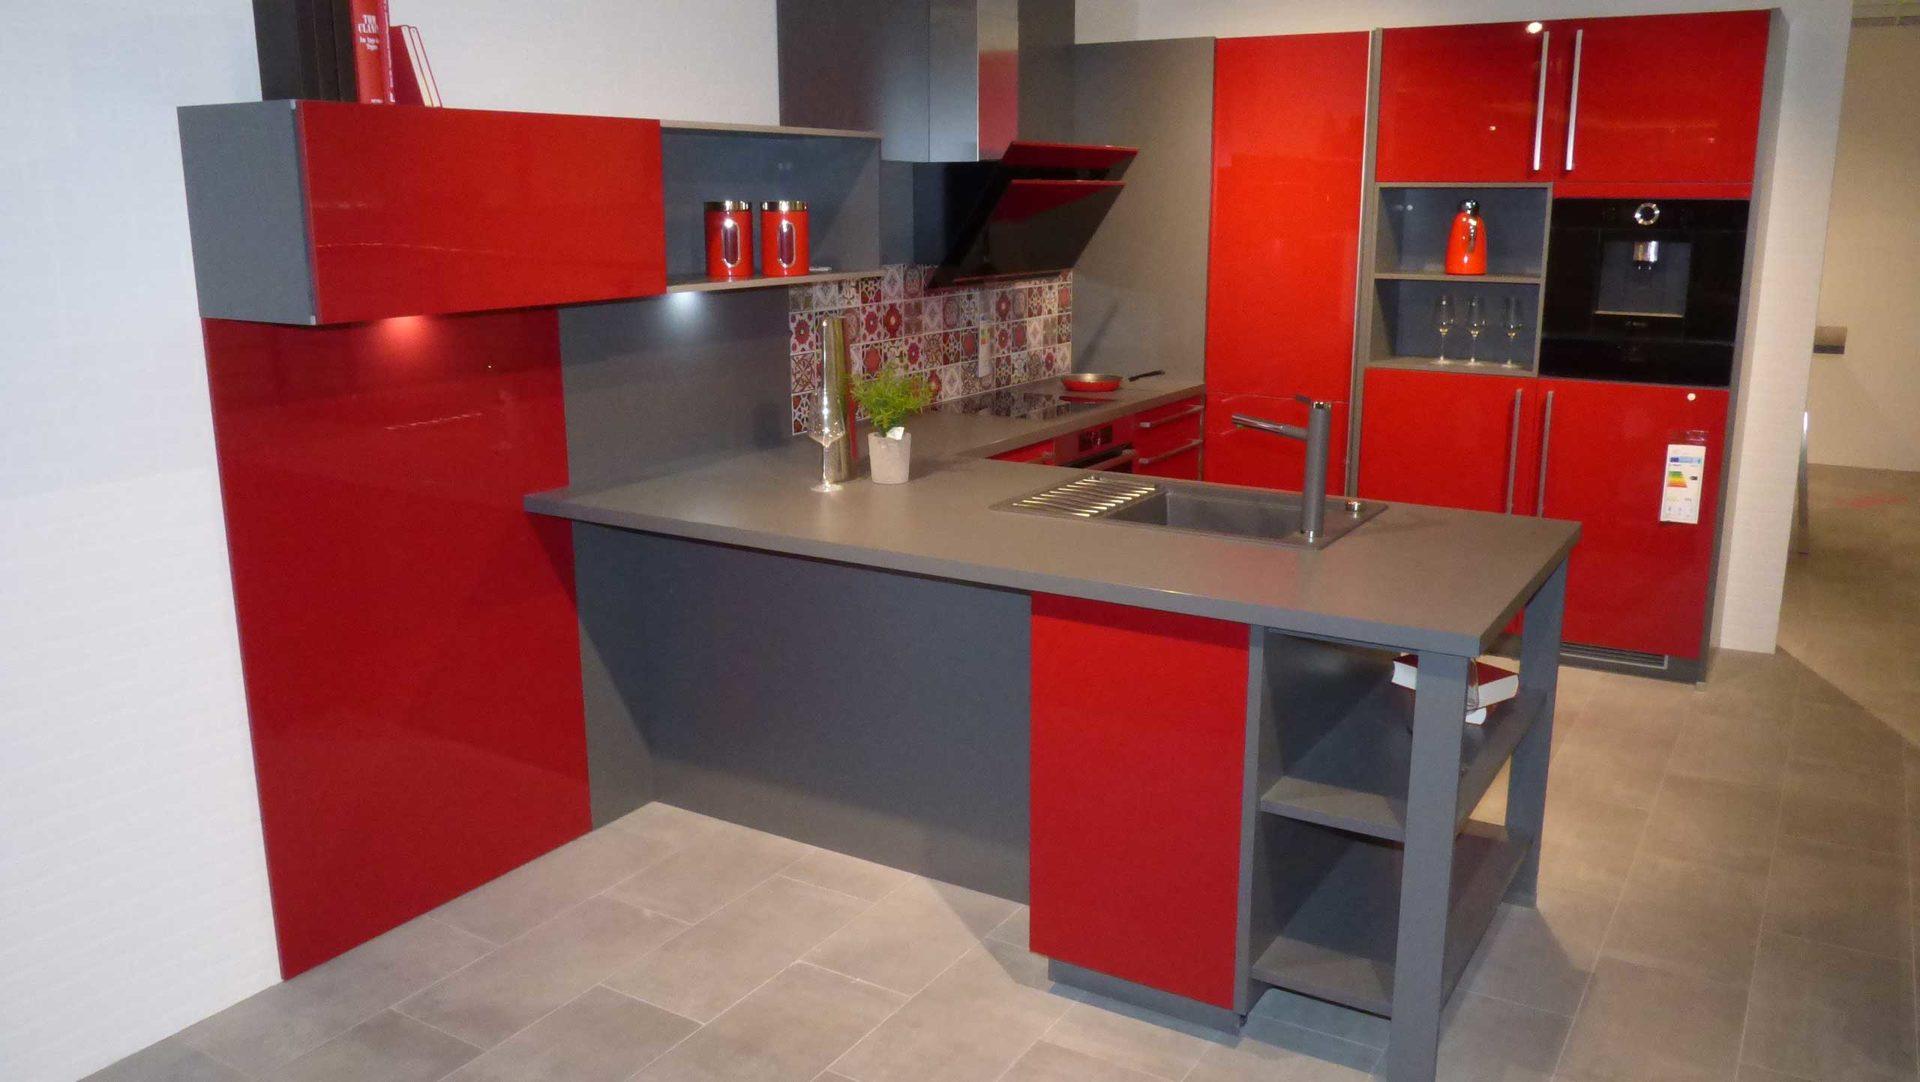 culineo Einbauküche C345 inkl. Bosch E-Geräte. Die Front in Rot ...